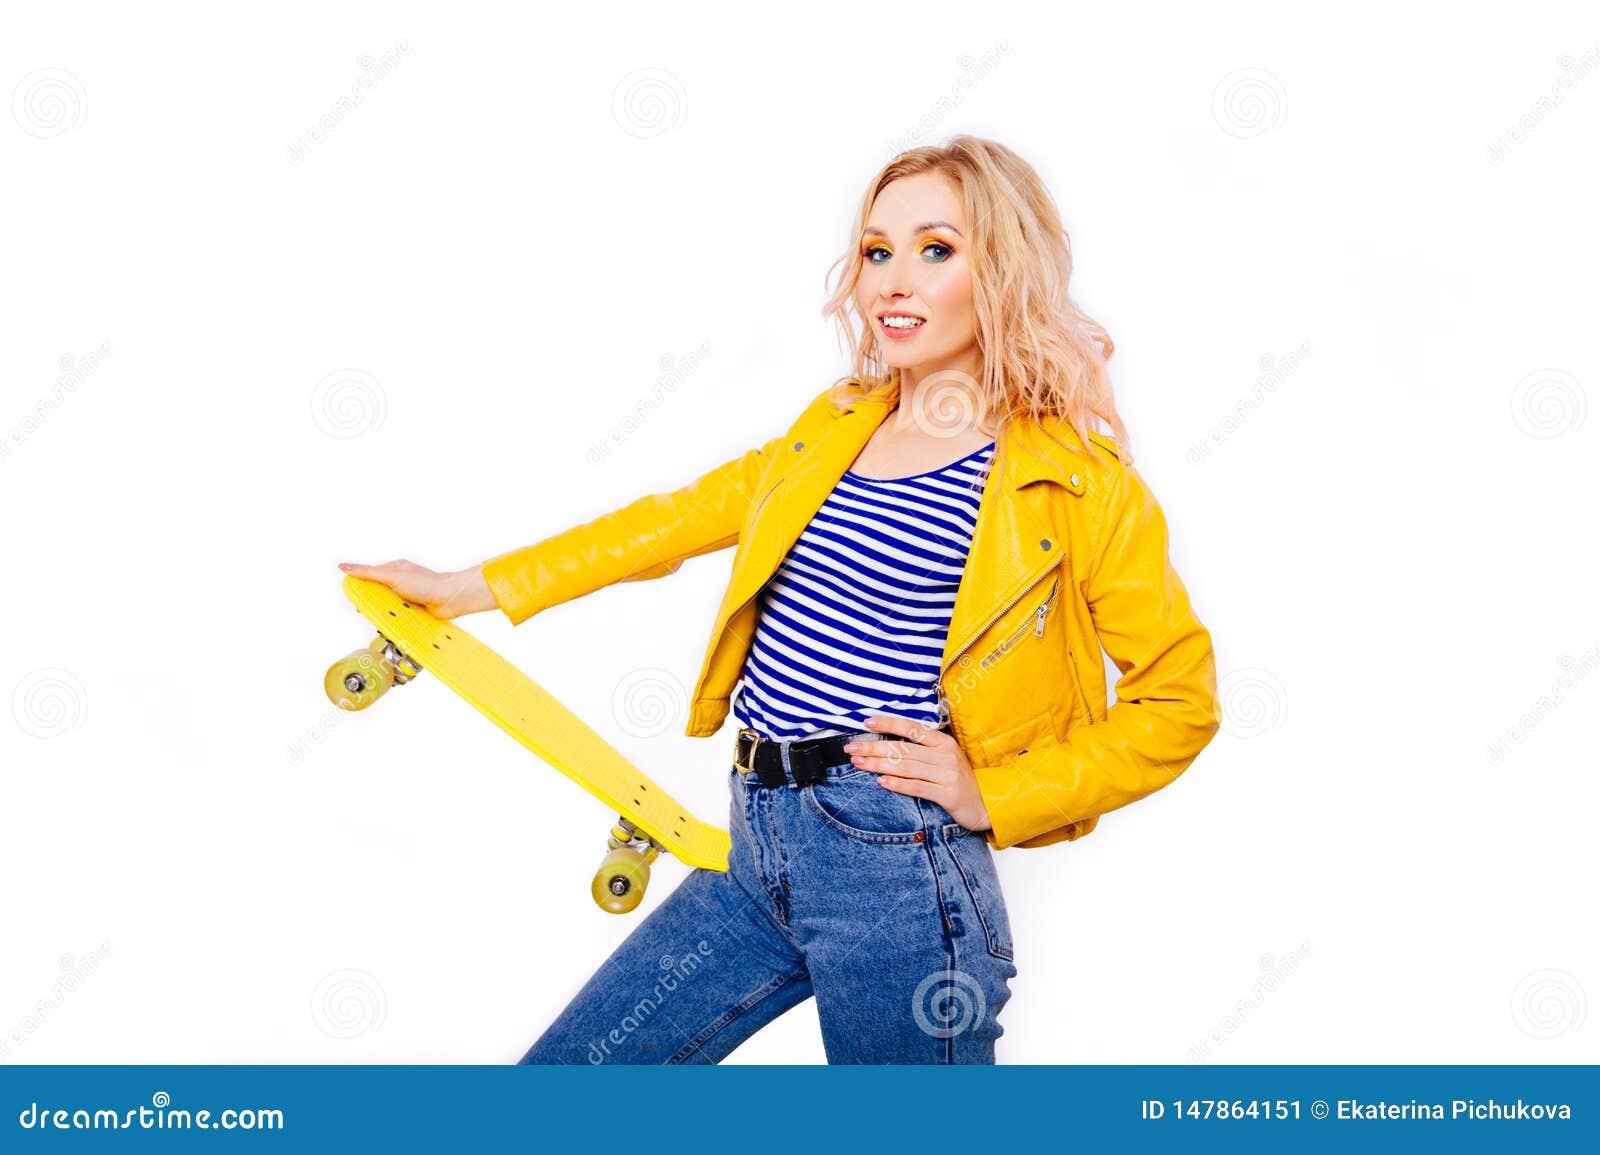 Una ragazza bionda snella con un pattino giallo in sue mani su un fondo bianco isolato